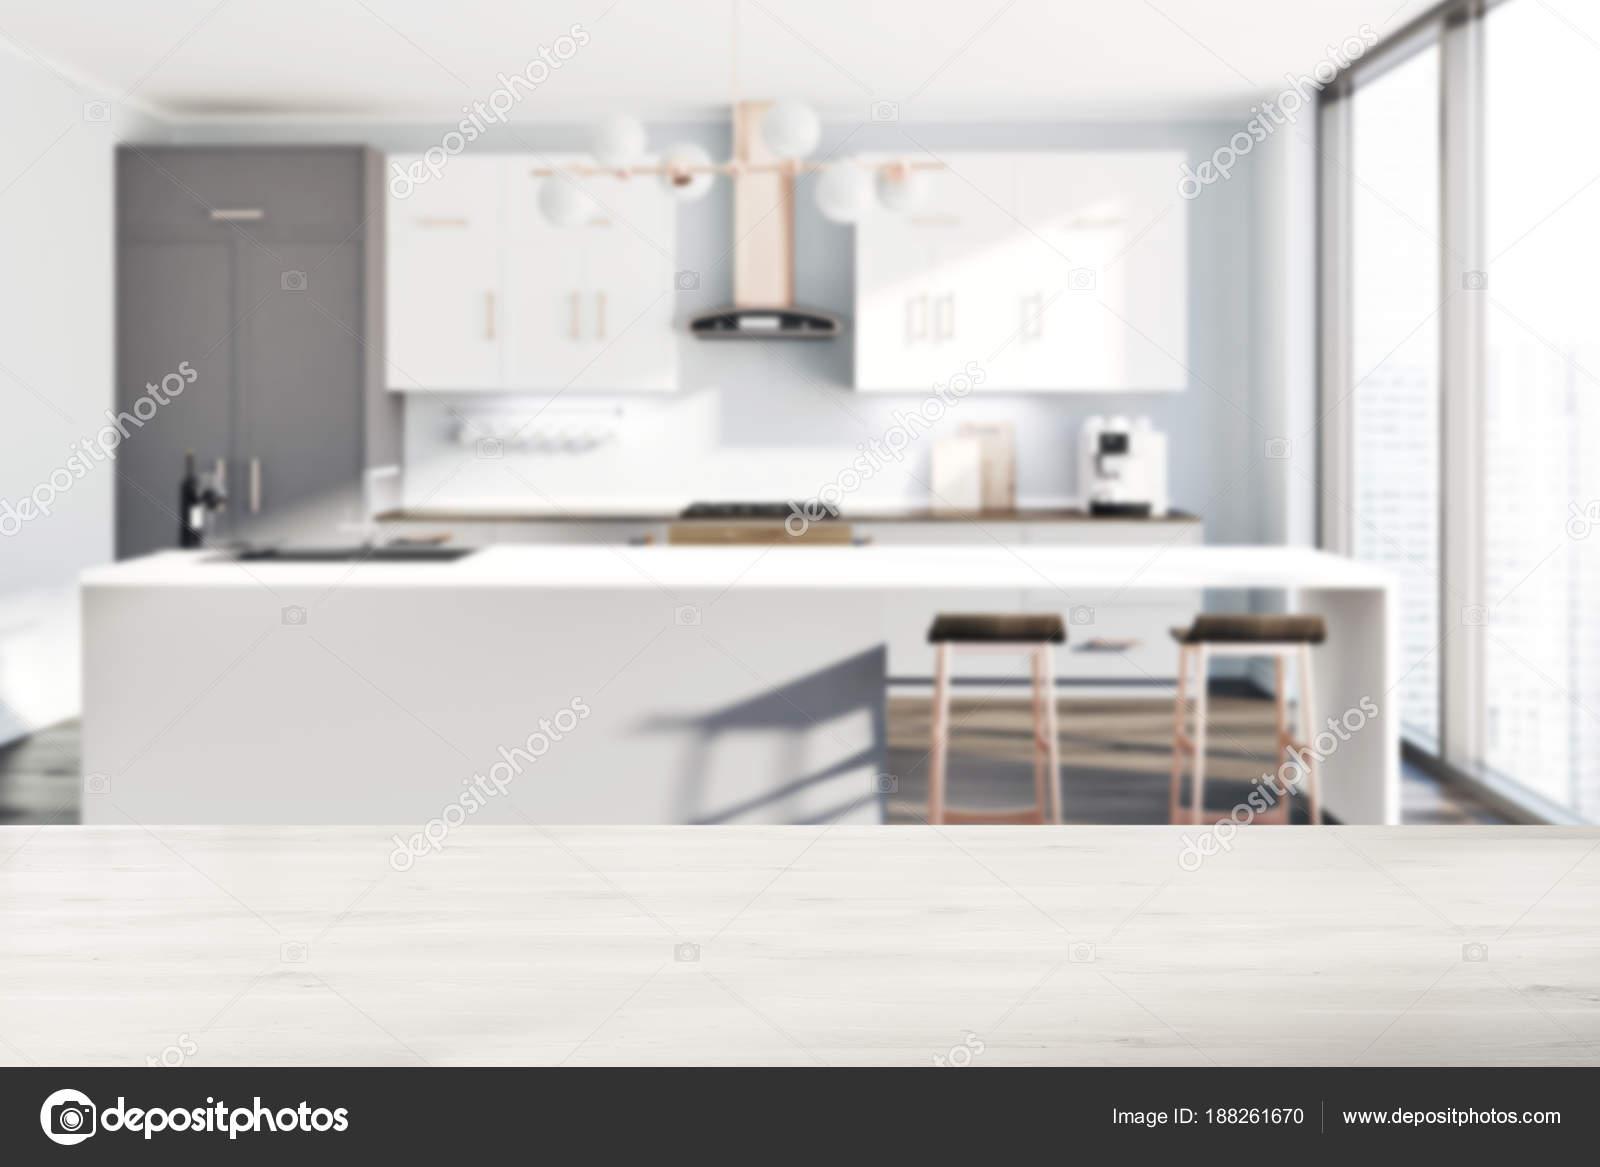 Banconi da cucina bianco, grigio, tabella sfocatura — Foto Stock ...